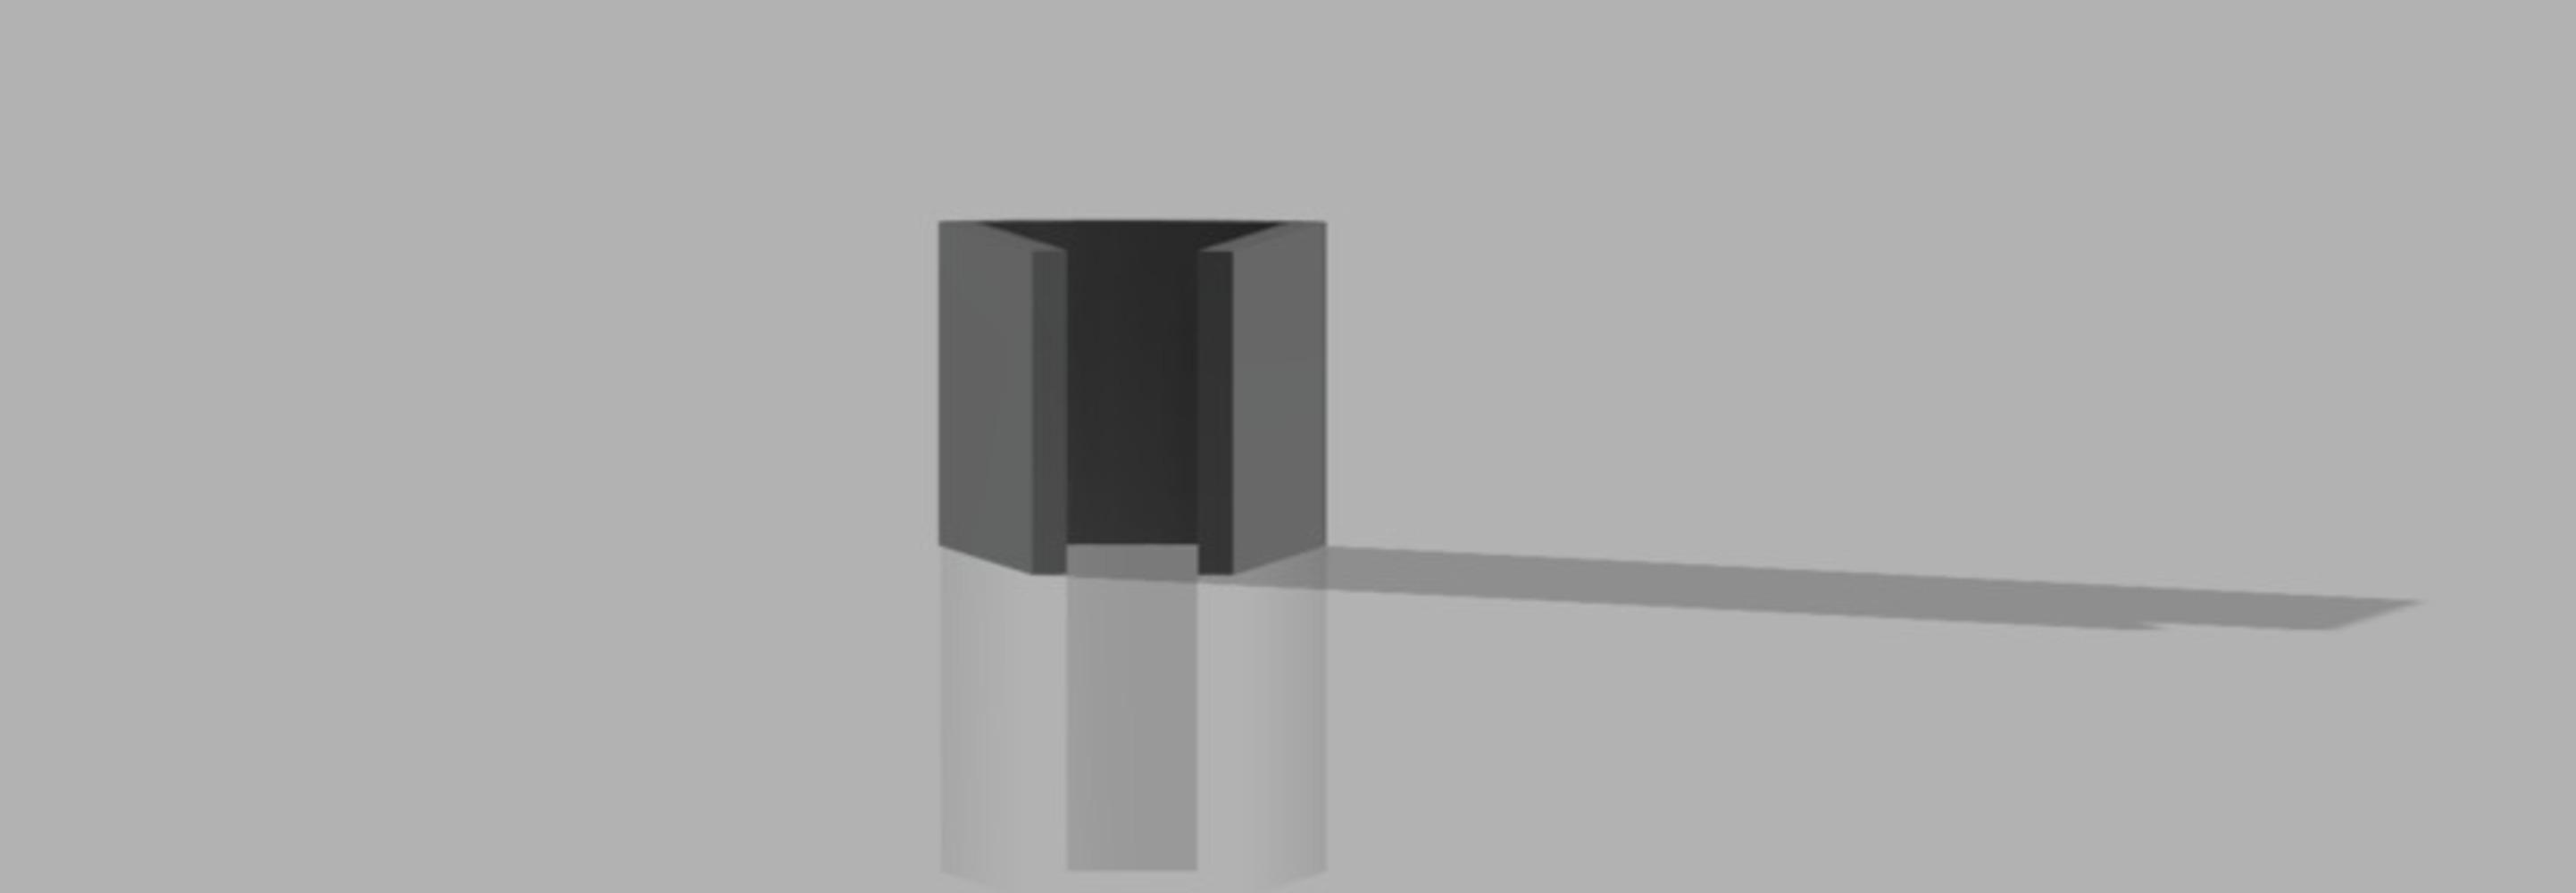 Final door holder v1 2.thumb